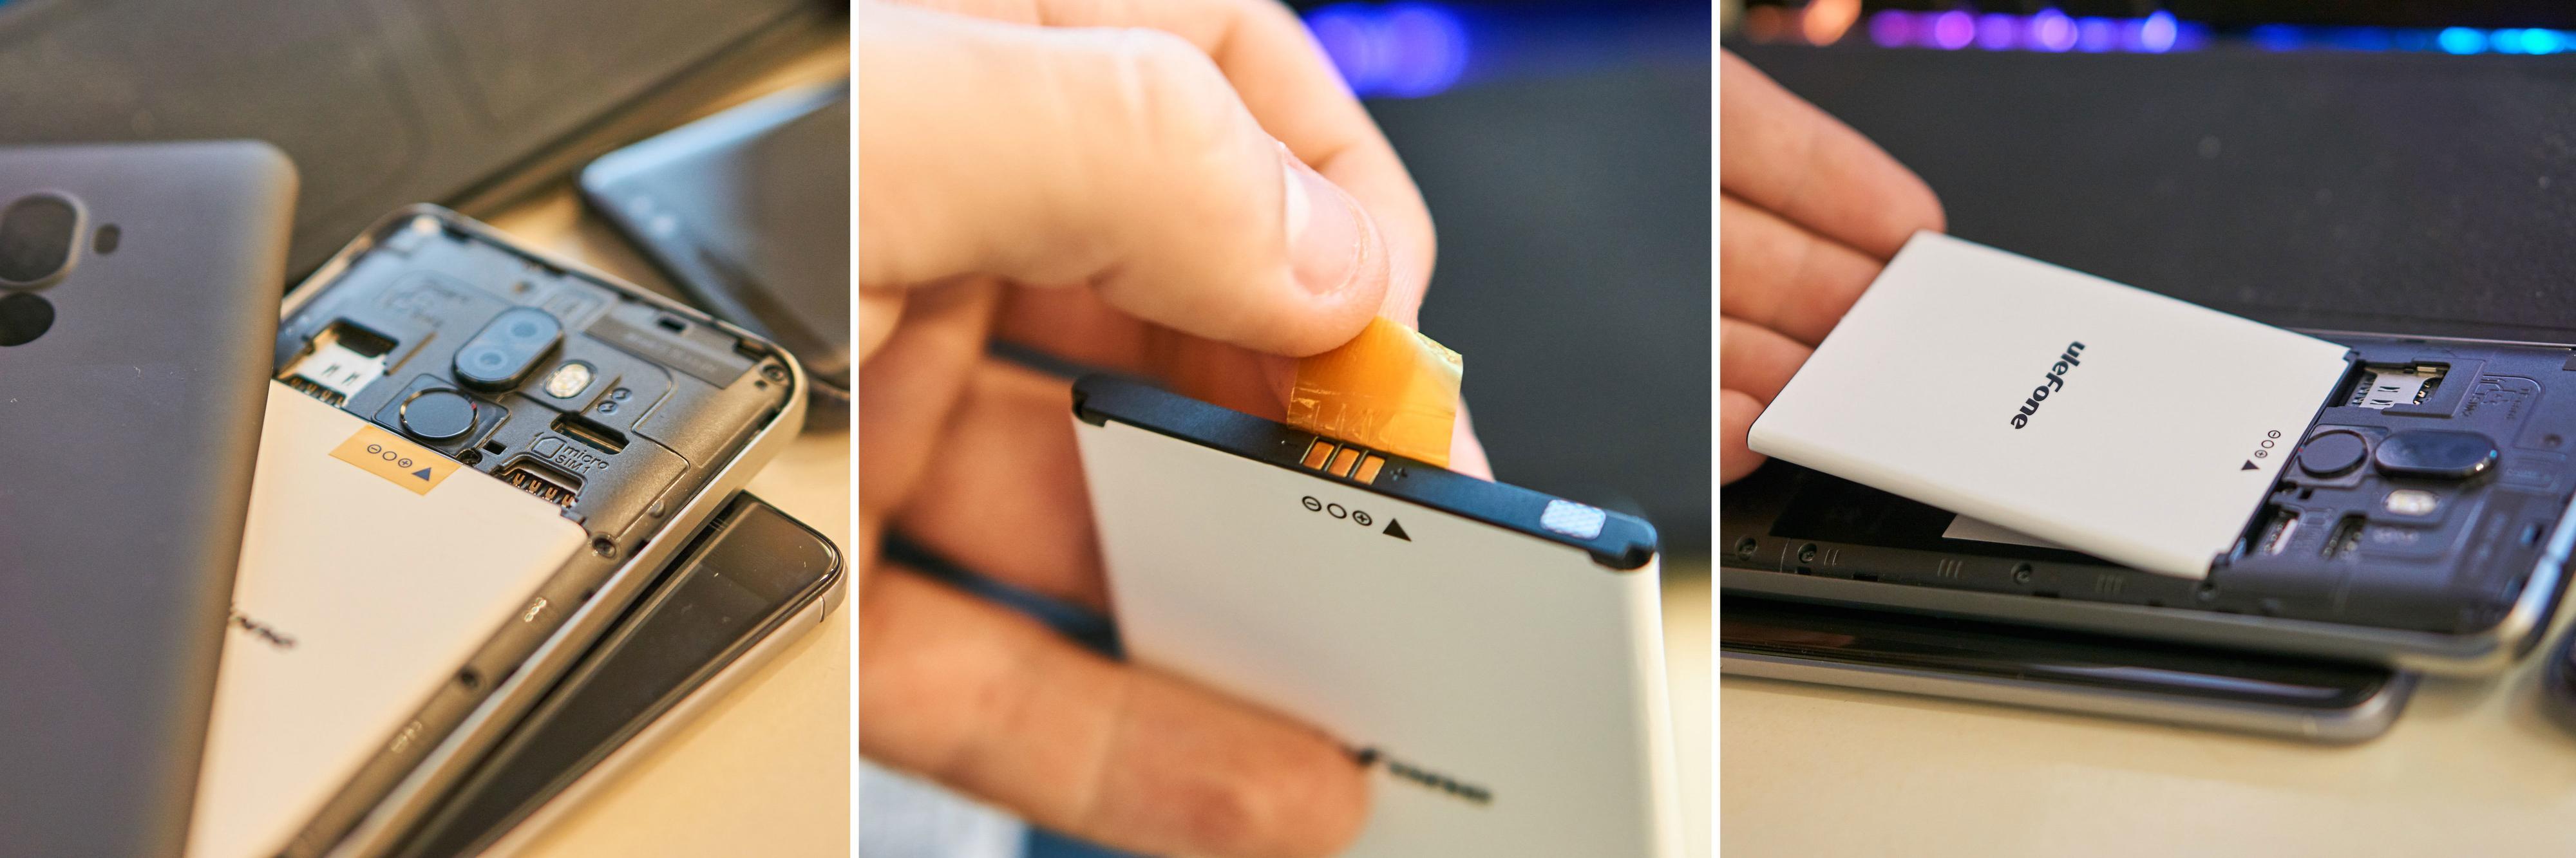 Før telefonen kunne skrus på måtte vi fjerne en liten plastlapp over batteriet.